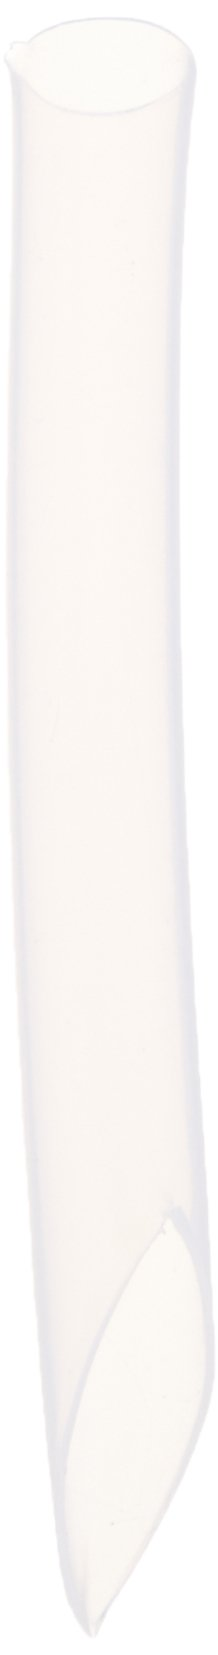 Chemglass CG-1406-E-80 Series CG-1406-E Tube for 24/40 Inner Joint, PTFE (Pack of 12)